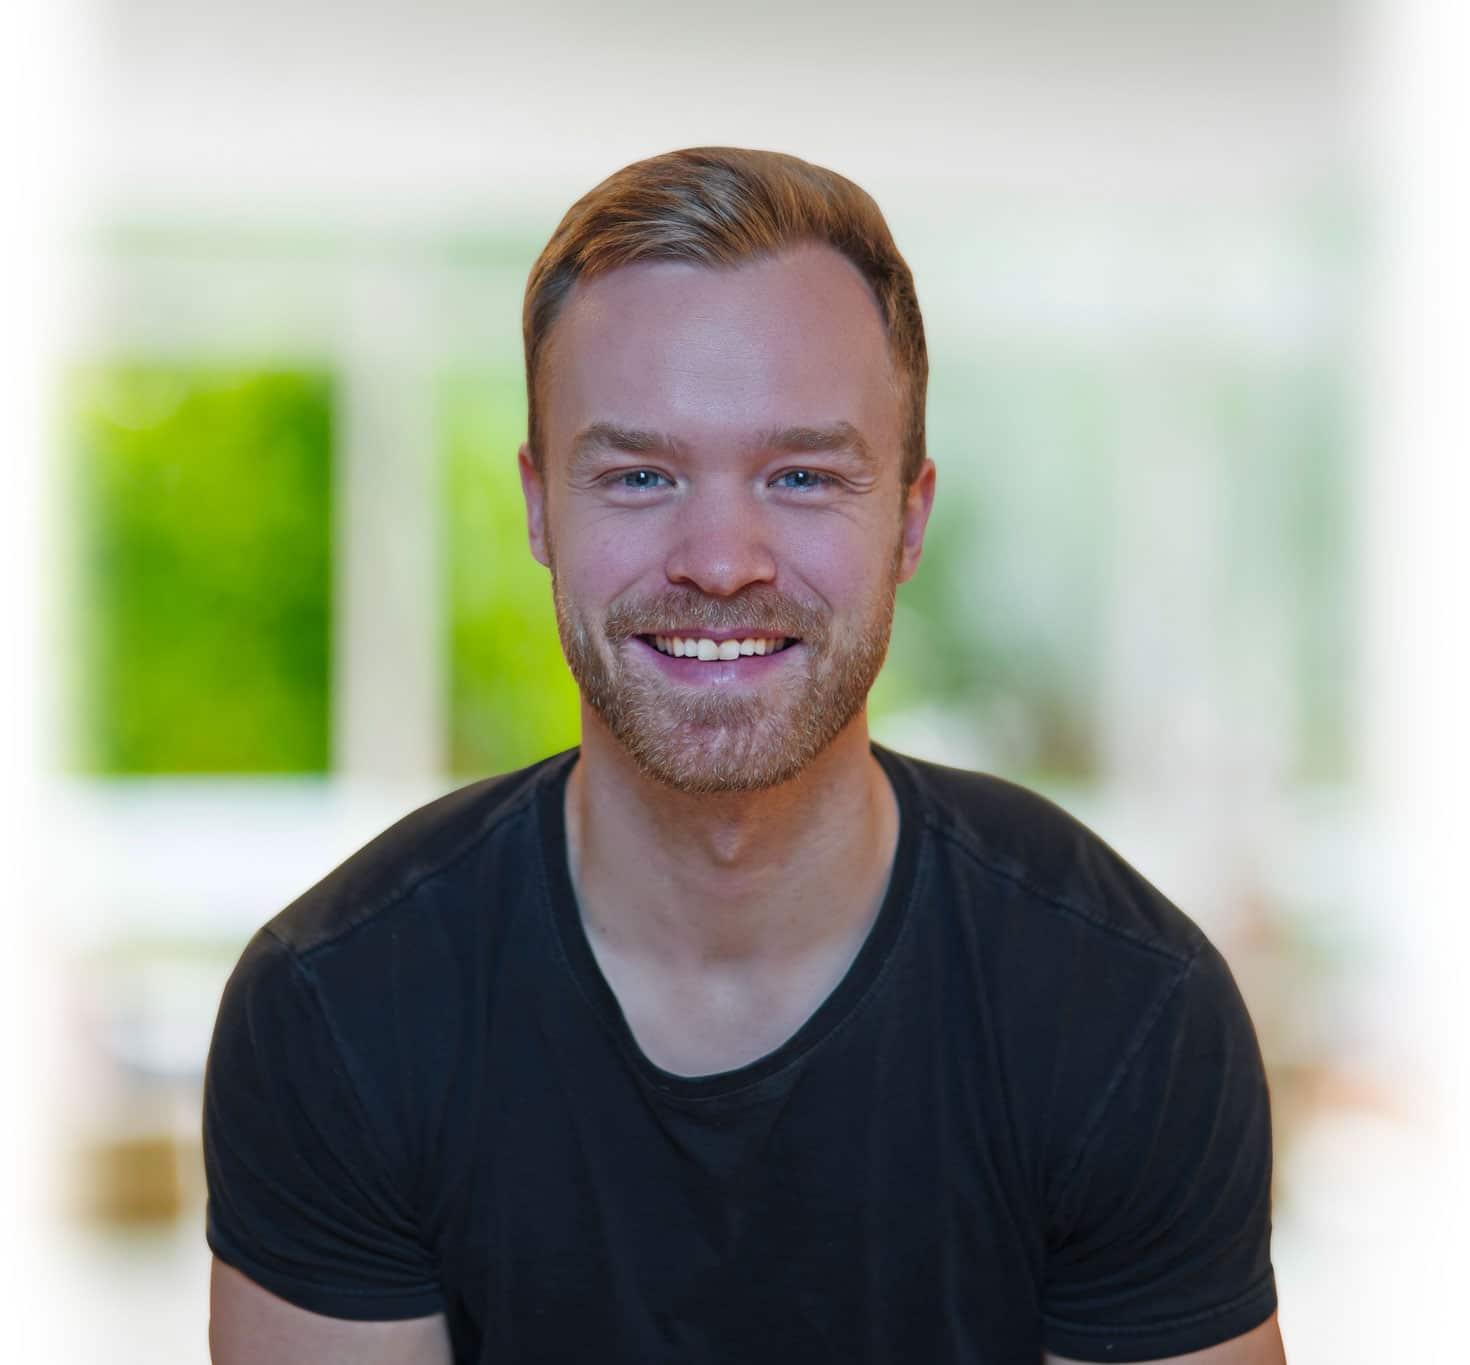 About-Florian-Wüest-Vegan-Fitness-Expert